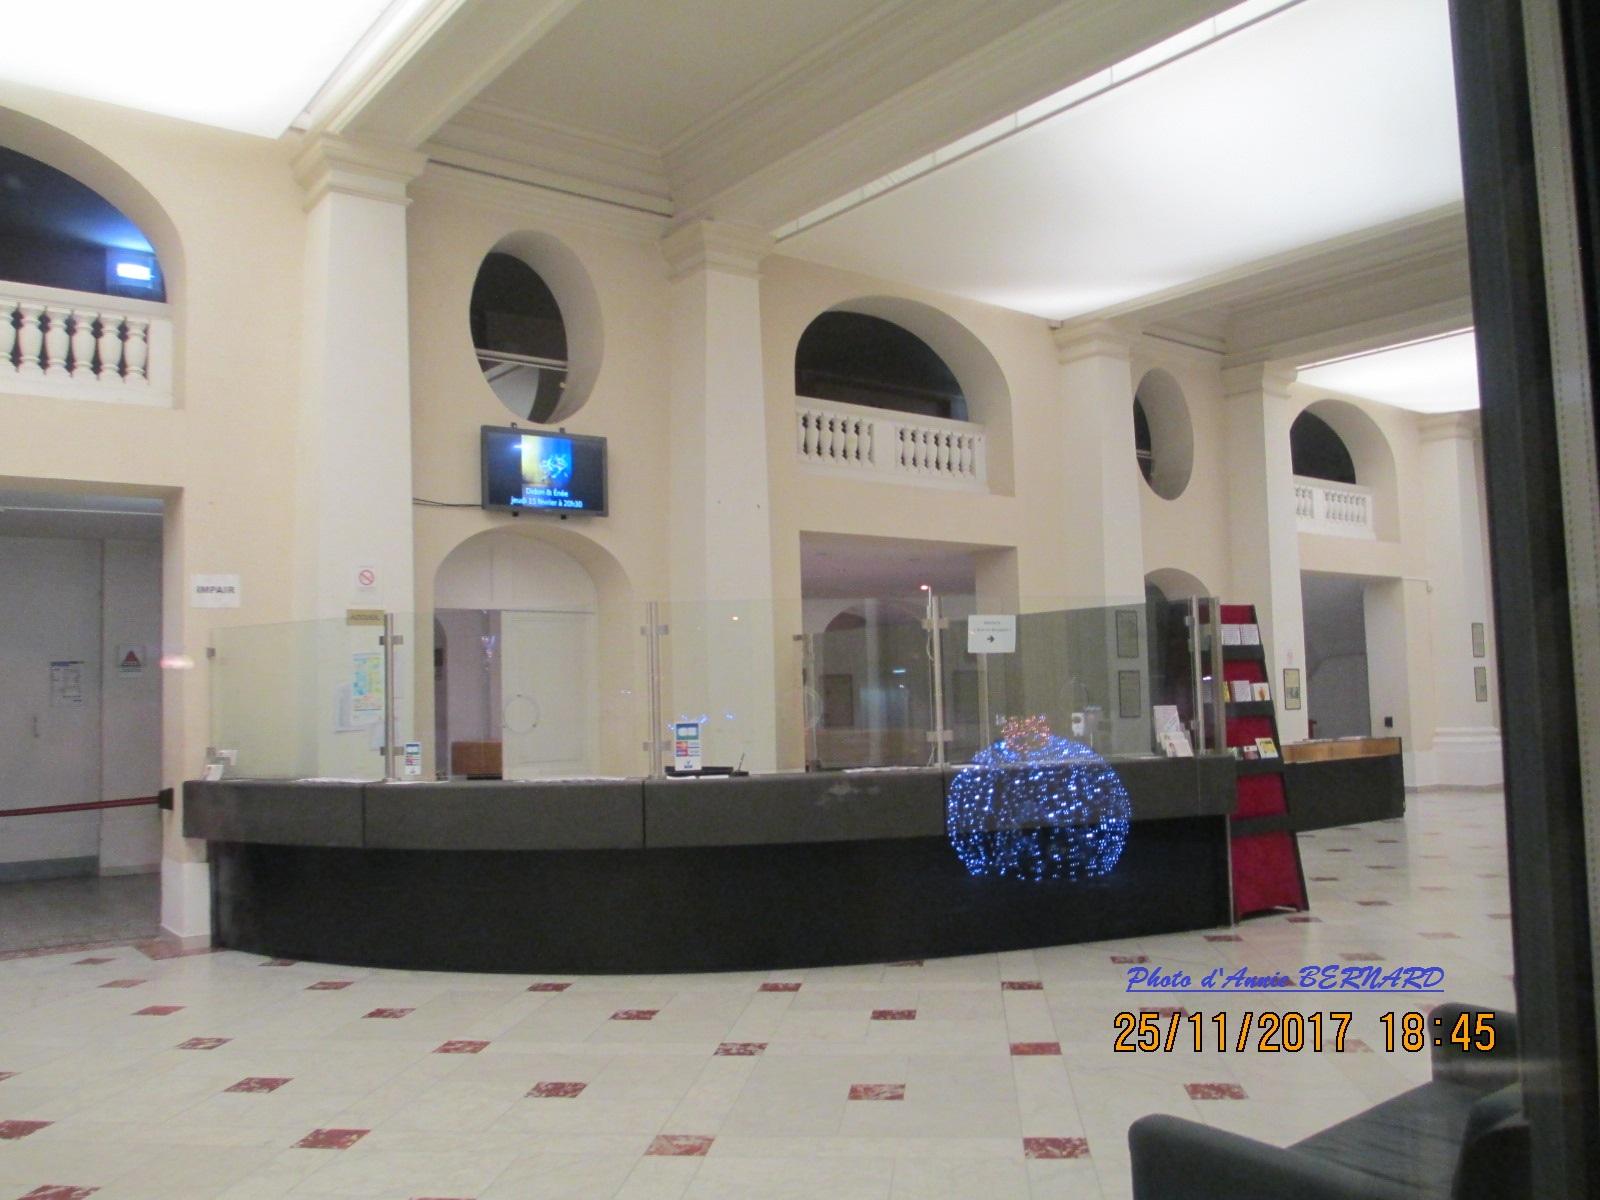 Vue sur le guichet du théâtre de Calais